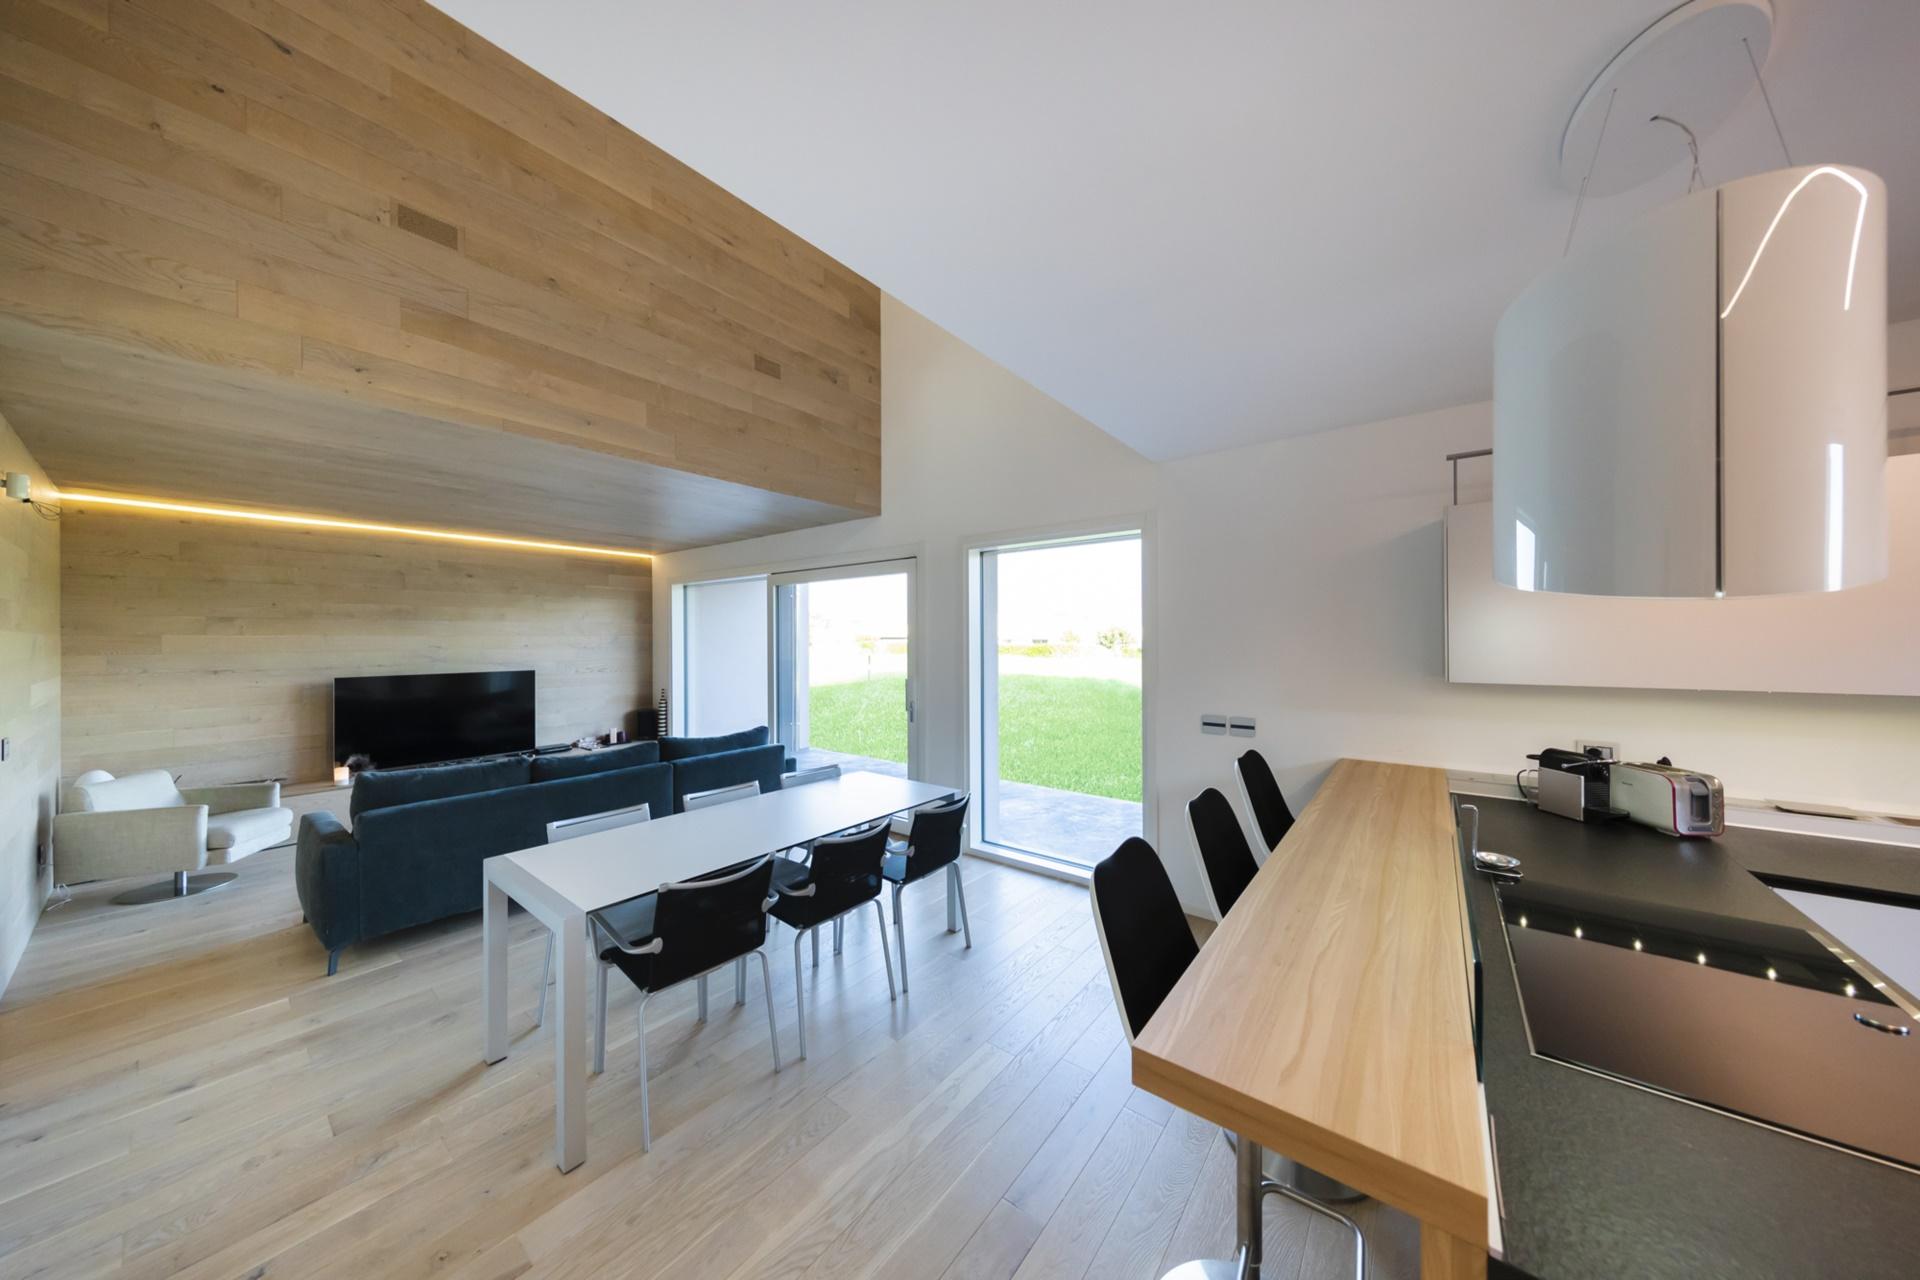 Linea evo di design evoluthion srl for Interni casa design